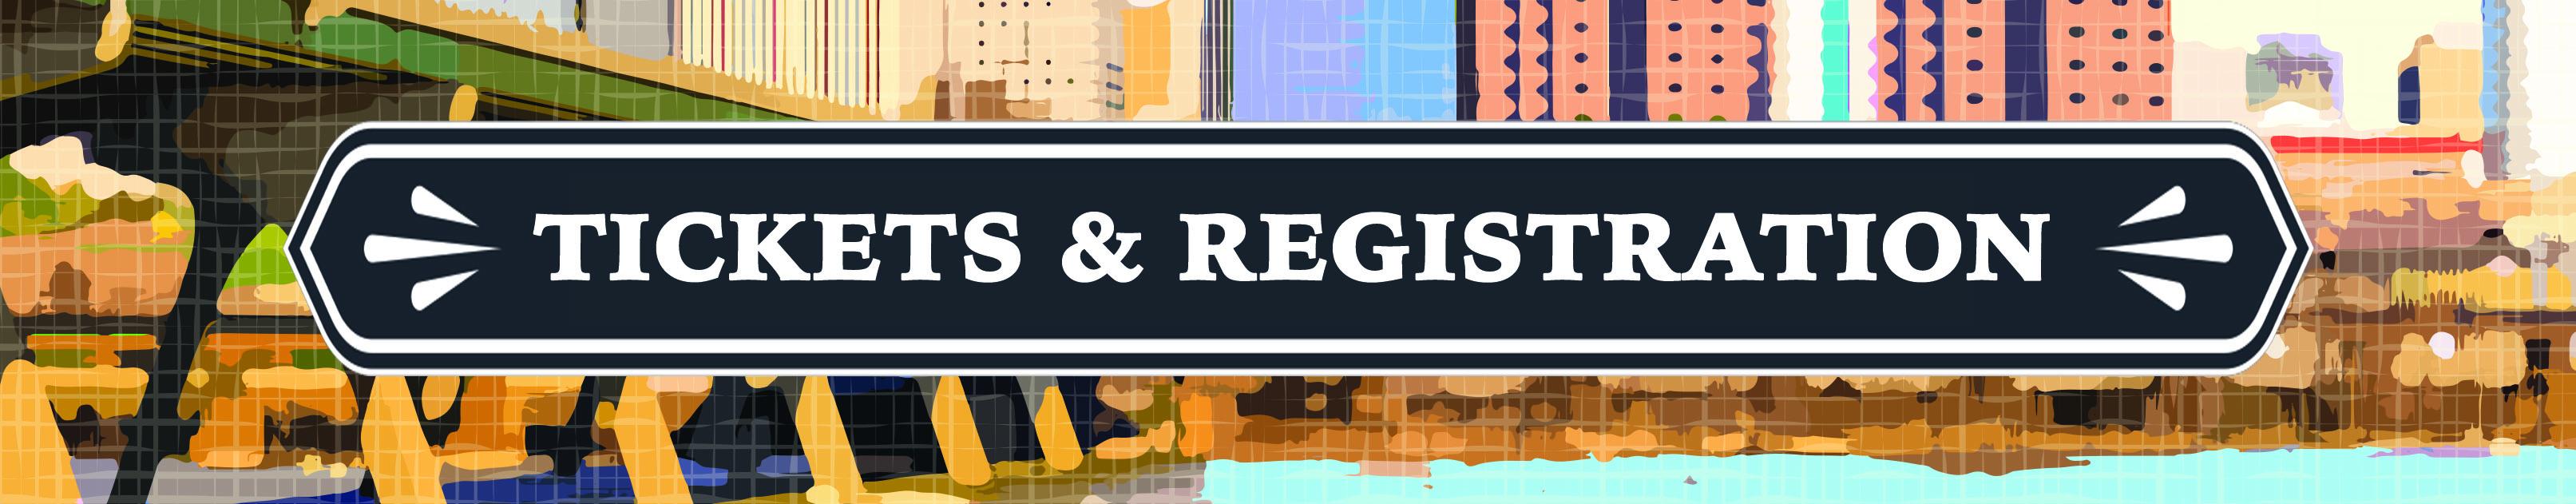 TICKETS & REGISTRATION